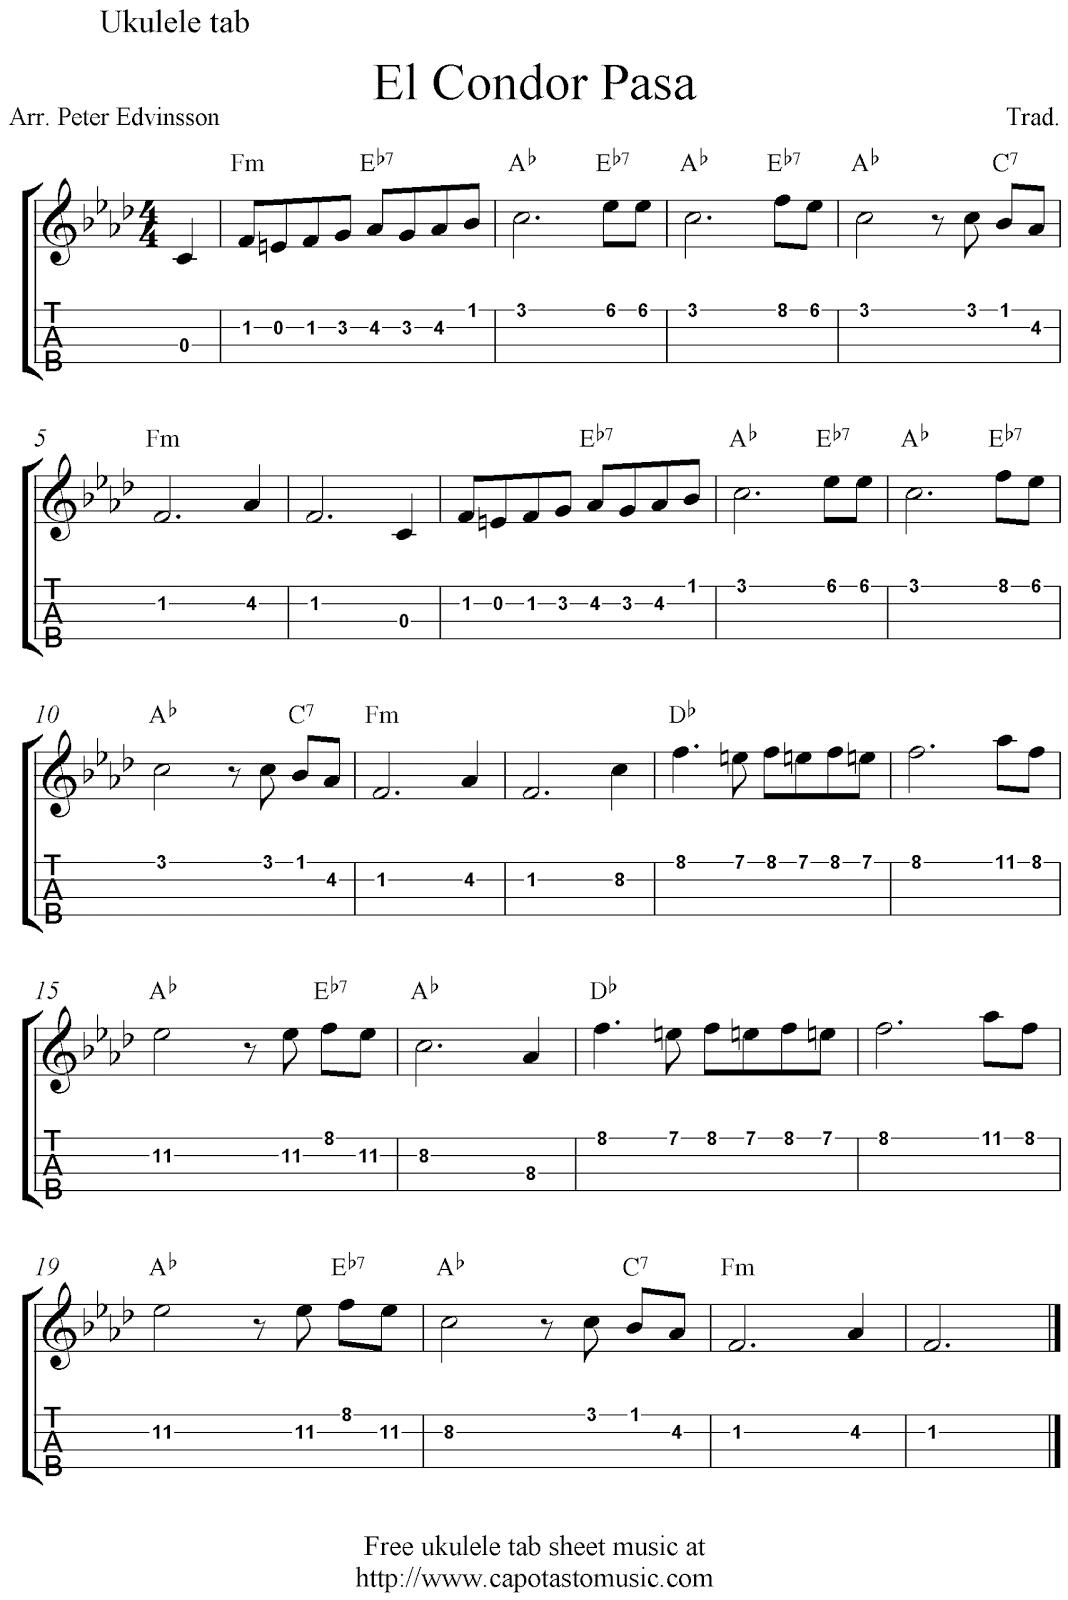 El condor pasa chords mandolin